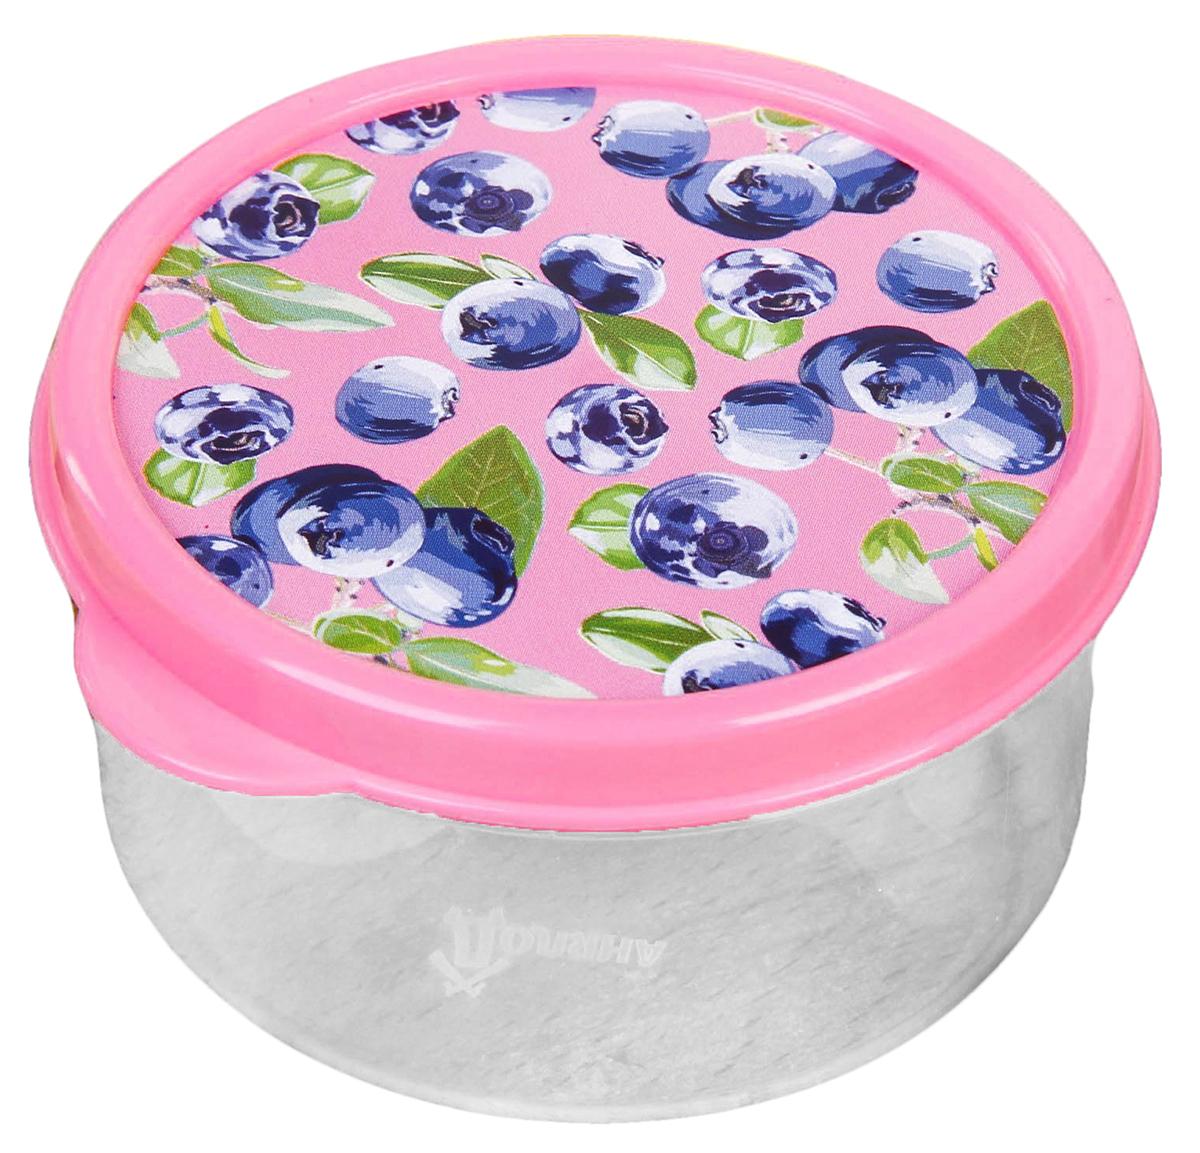 Ланч-бокс Черника, 0,15 л2789845Ланч-бокс Черника изготовлен из качественного пищевого пластика. Он снабжен плотно закрывающейся крышкой, а это значит, что вы сможете брать на работу, в дорогу или на пикник разнообразную, а самое главное - вкусную и полезную пищу! Оригинальный рисунок на крышке поднимет настроение хозяину и окружающим.Контейнер прост и удобен в обращении: его можно хранить в холодильнике, разогревать в микроволновой печи, мыть в посудомоечной машине.